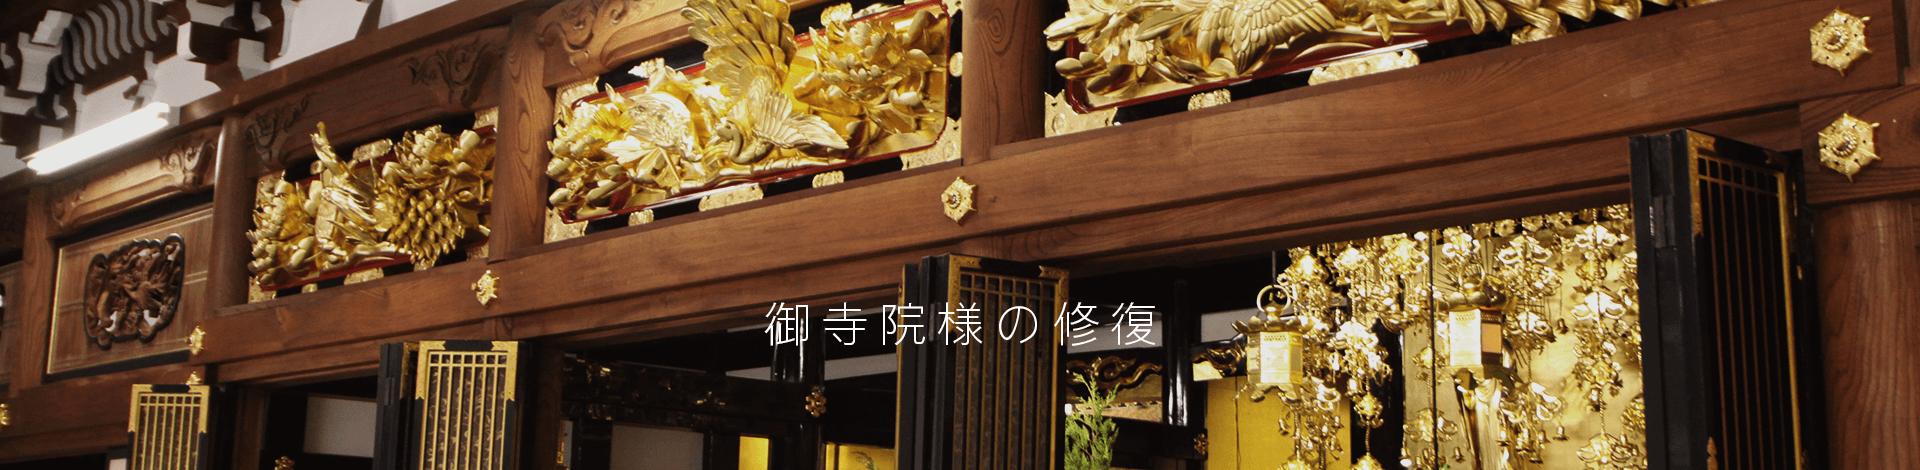 御寺院様の修復も数多く手掛けております